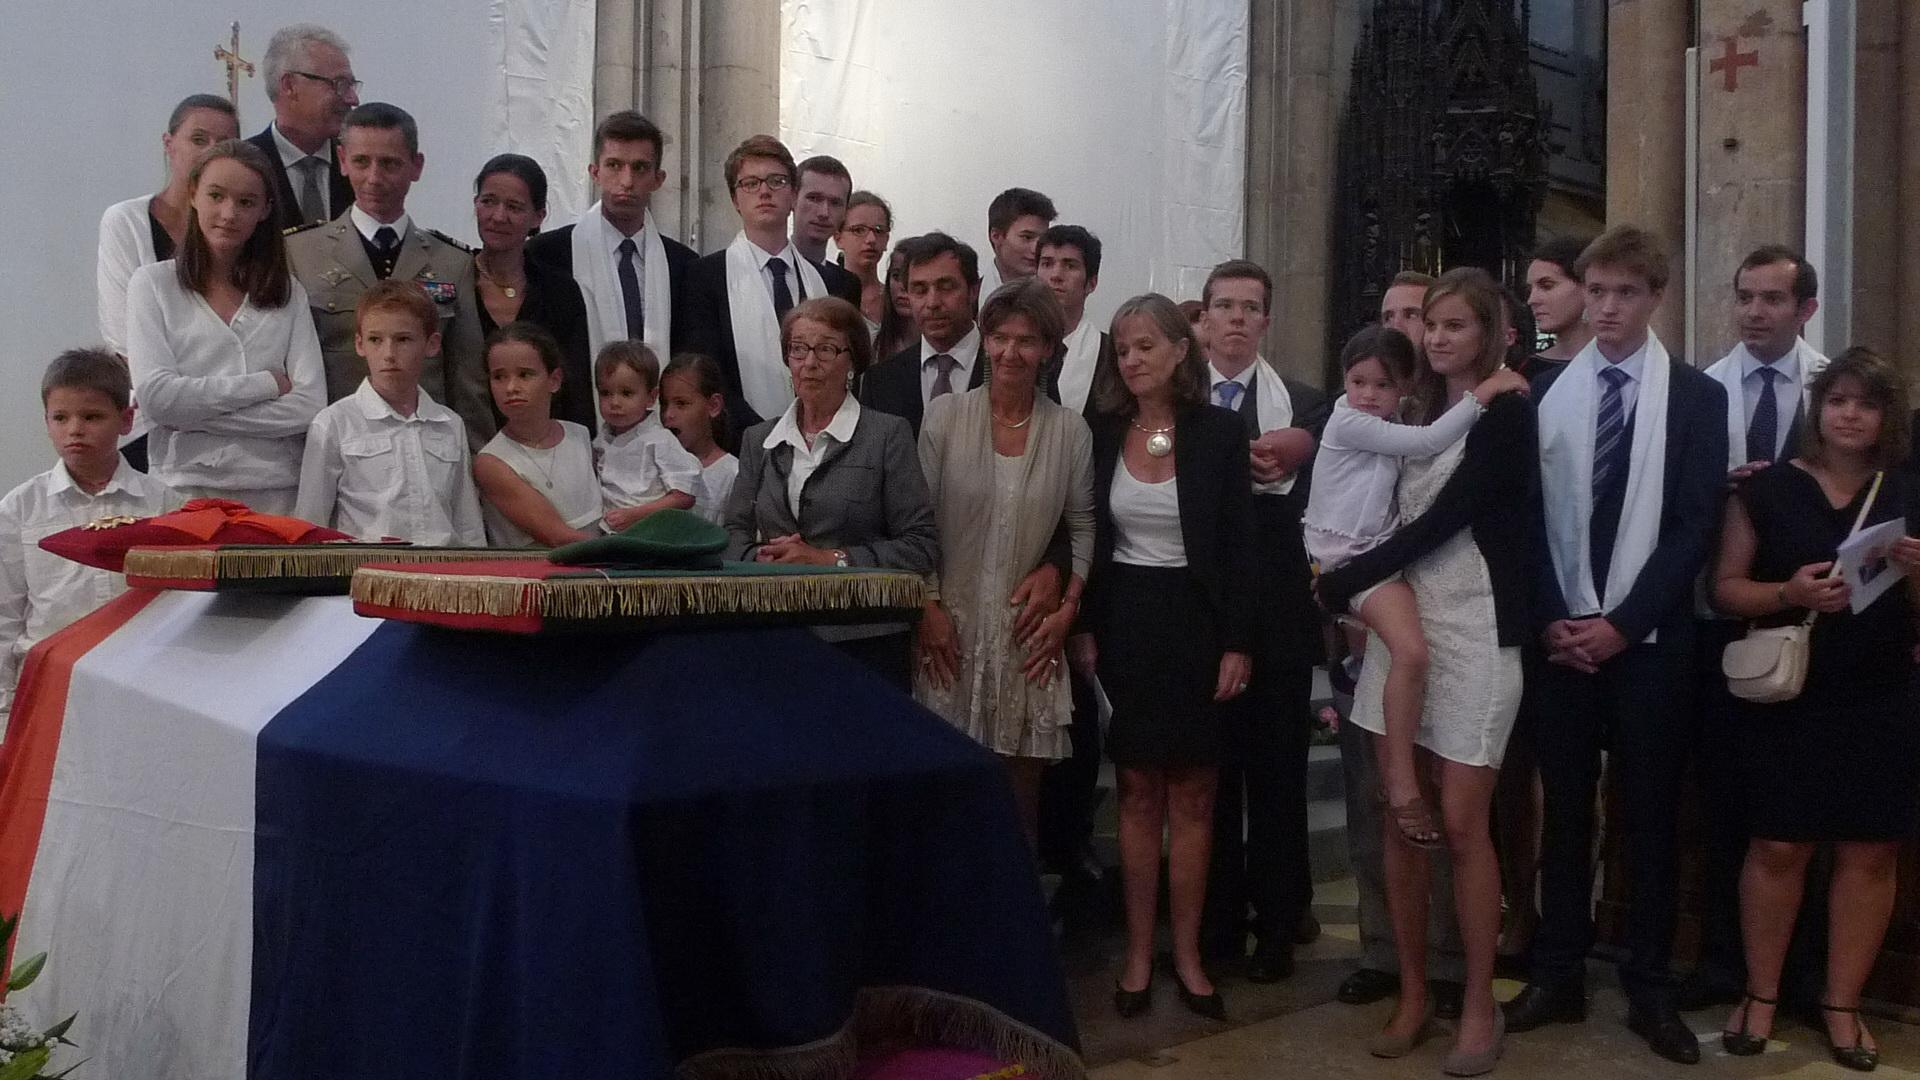 En direct de St-Jean. Les obsèques d'Hélie Denoix de Saint-Marc